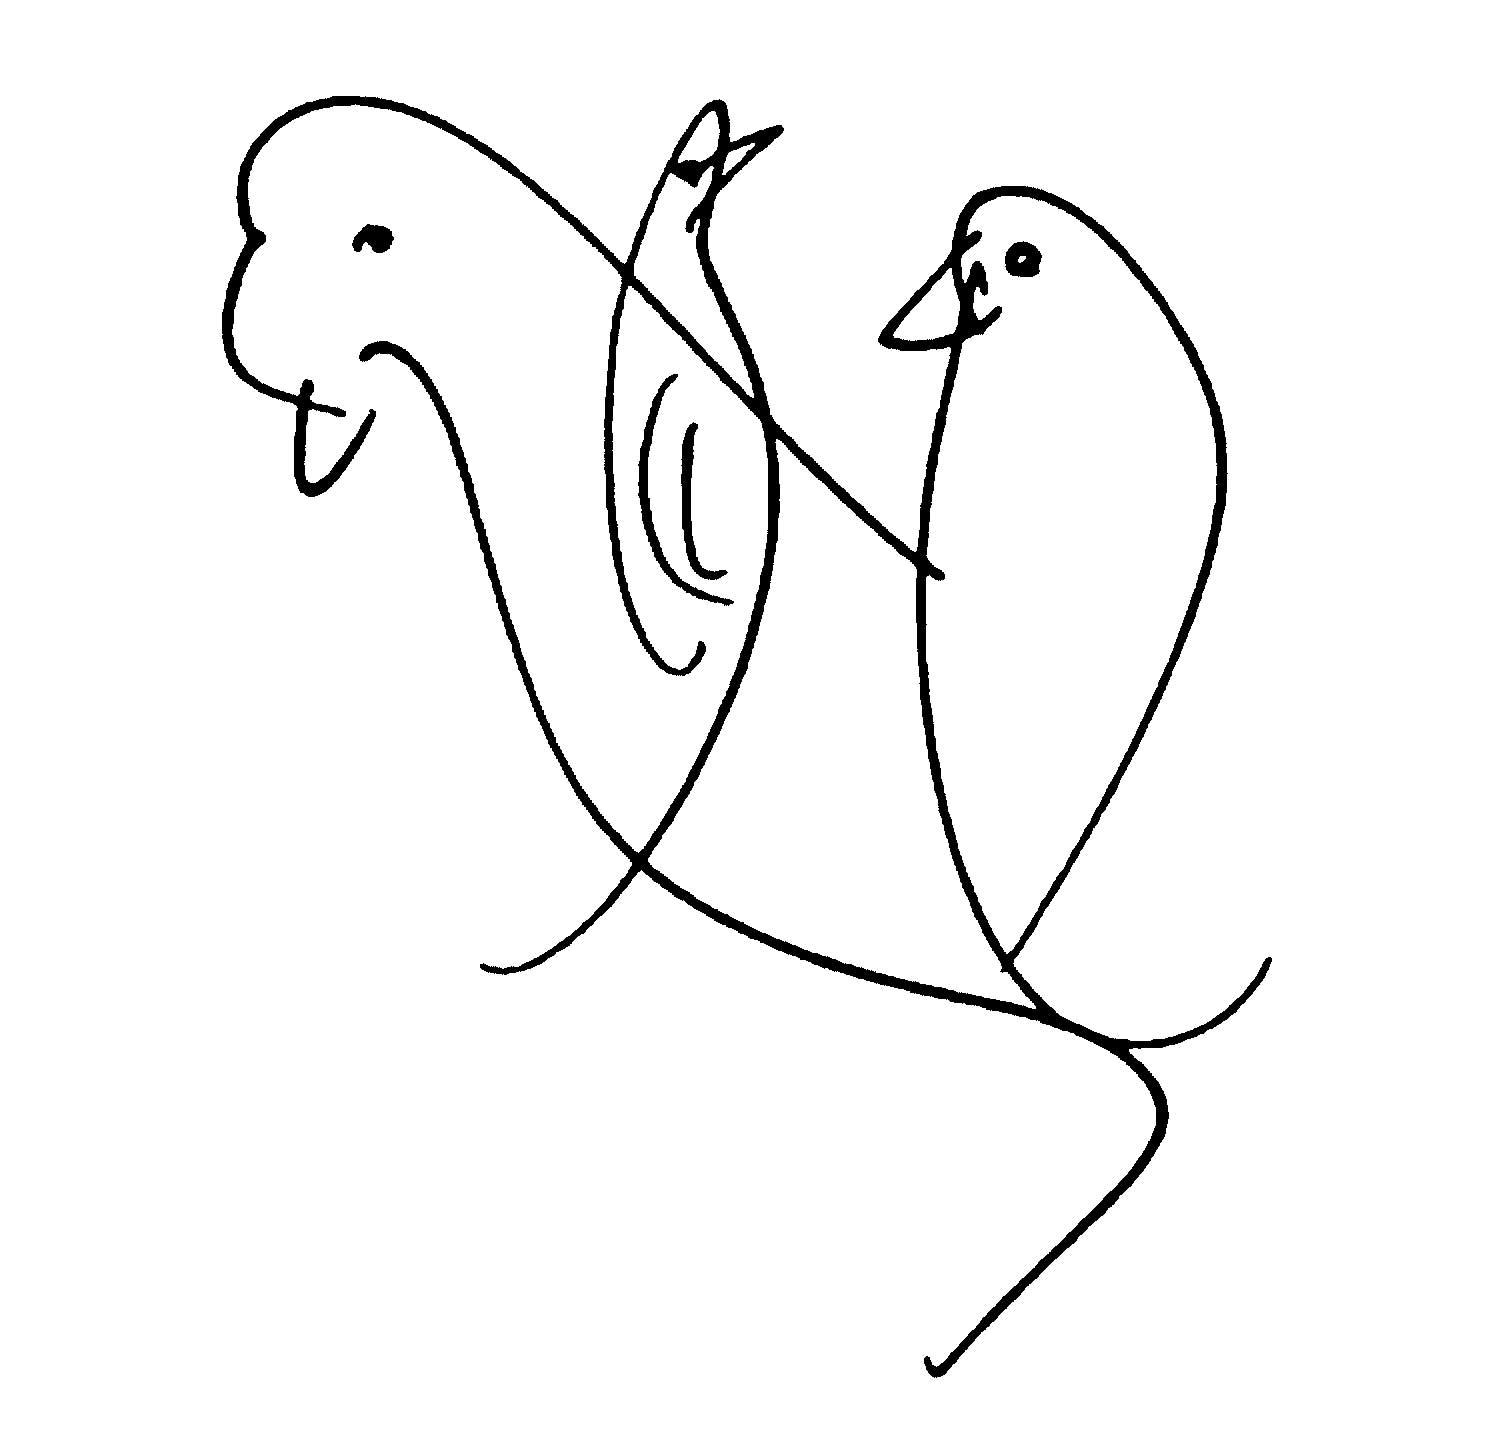 bird-drawing-by-sri-chinmoy-undated-396